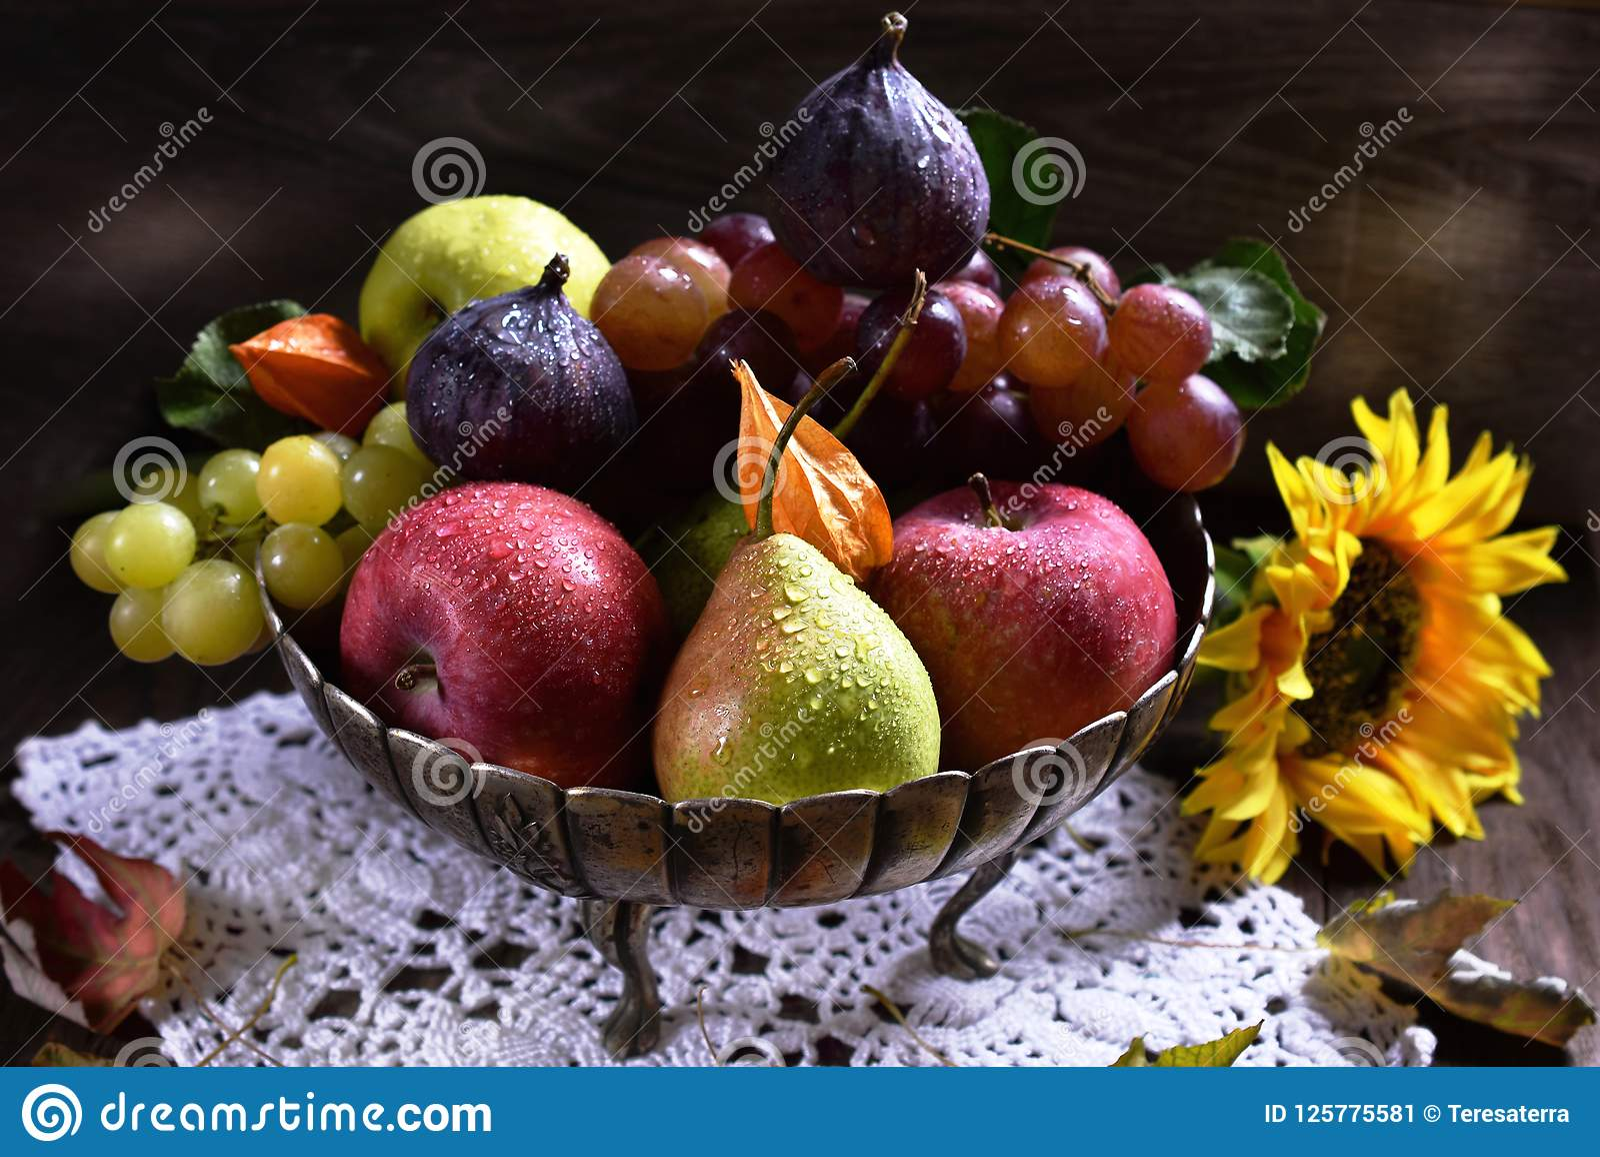 Autumn fruits still life